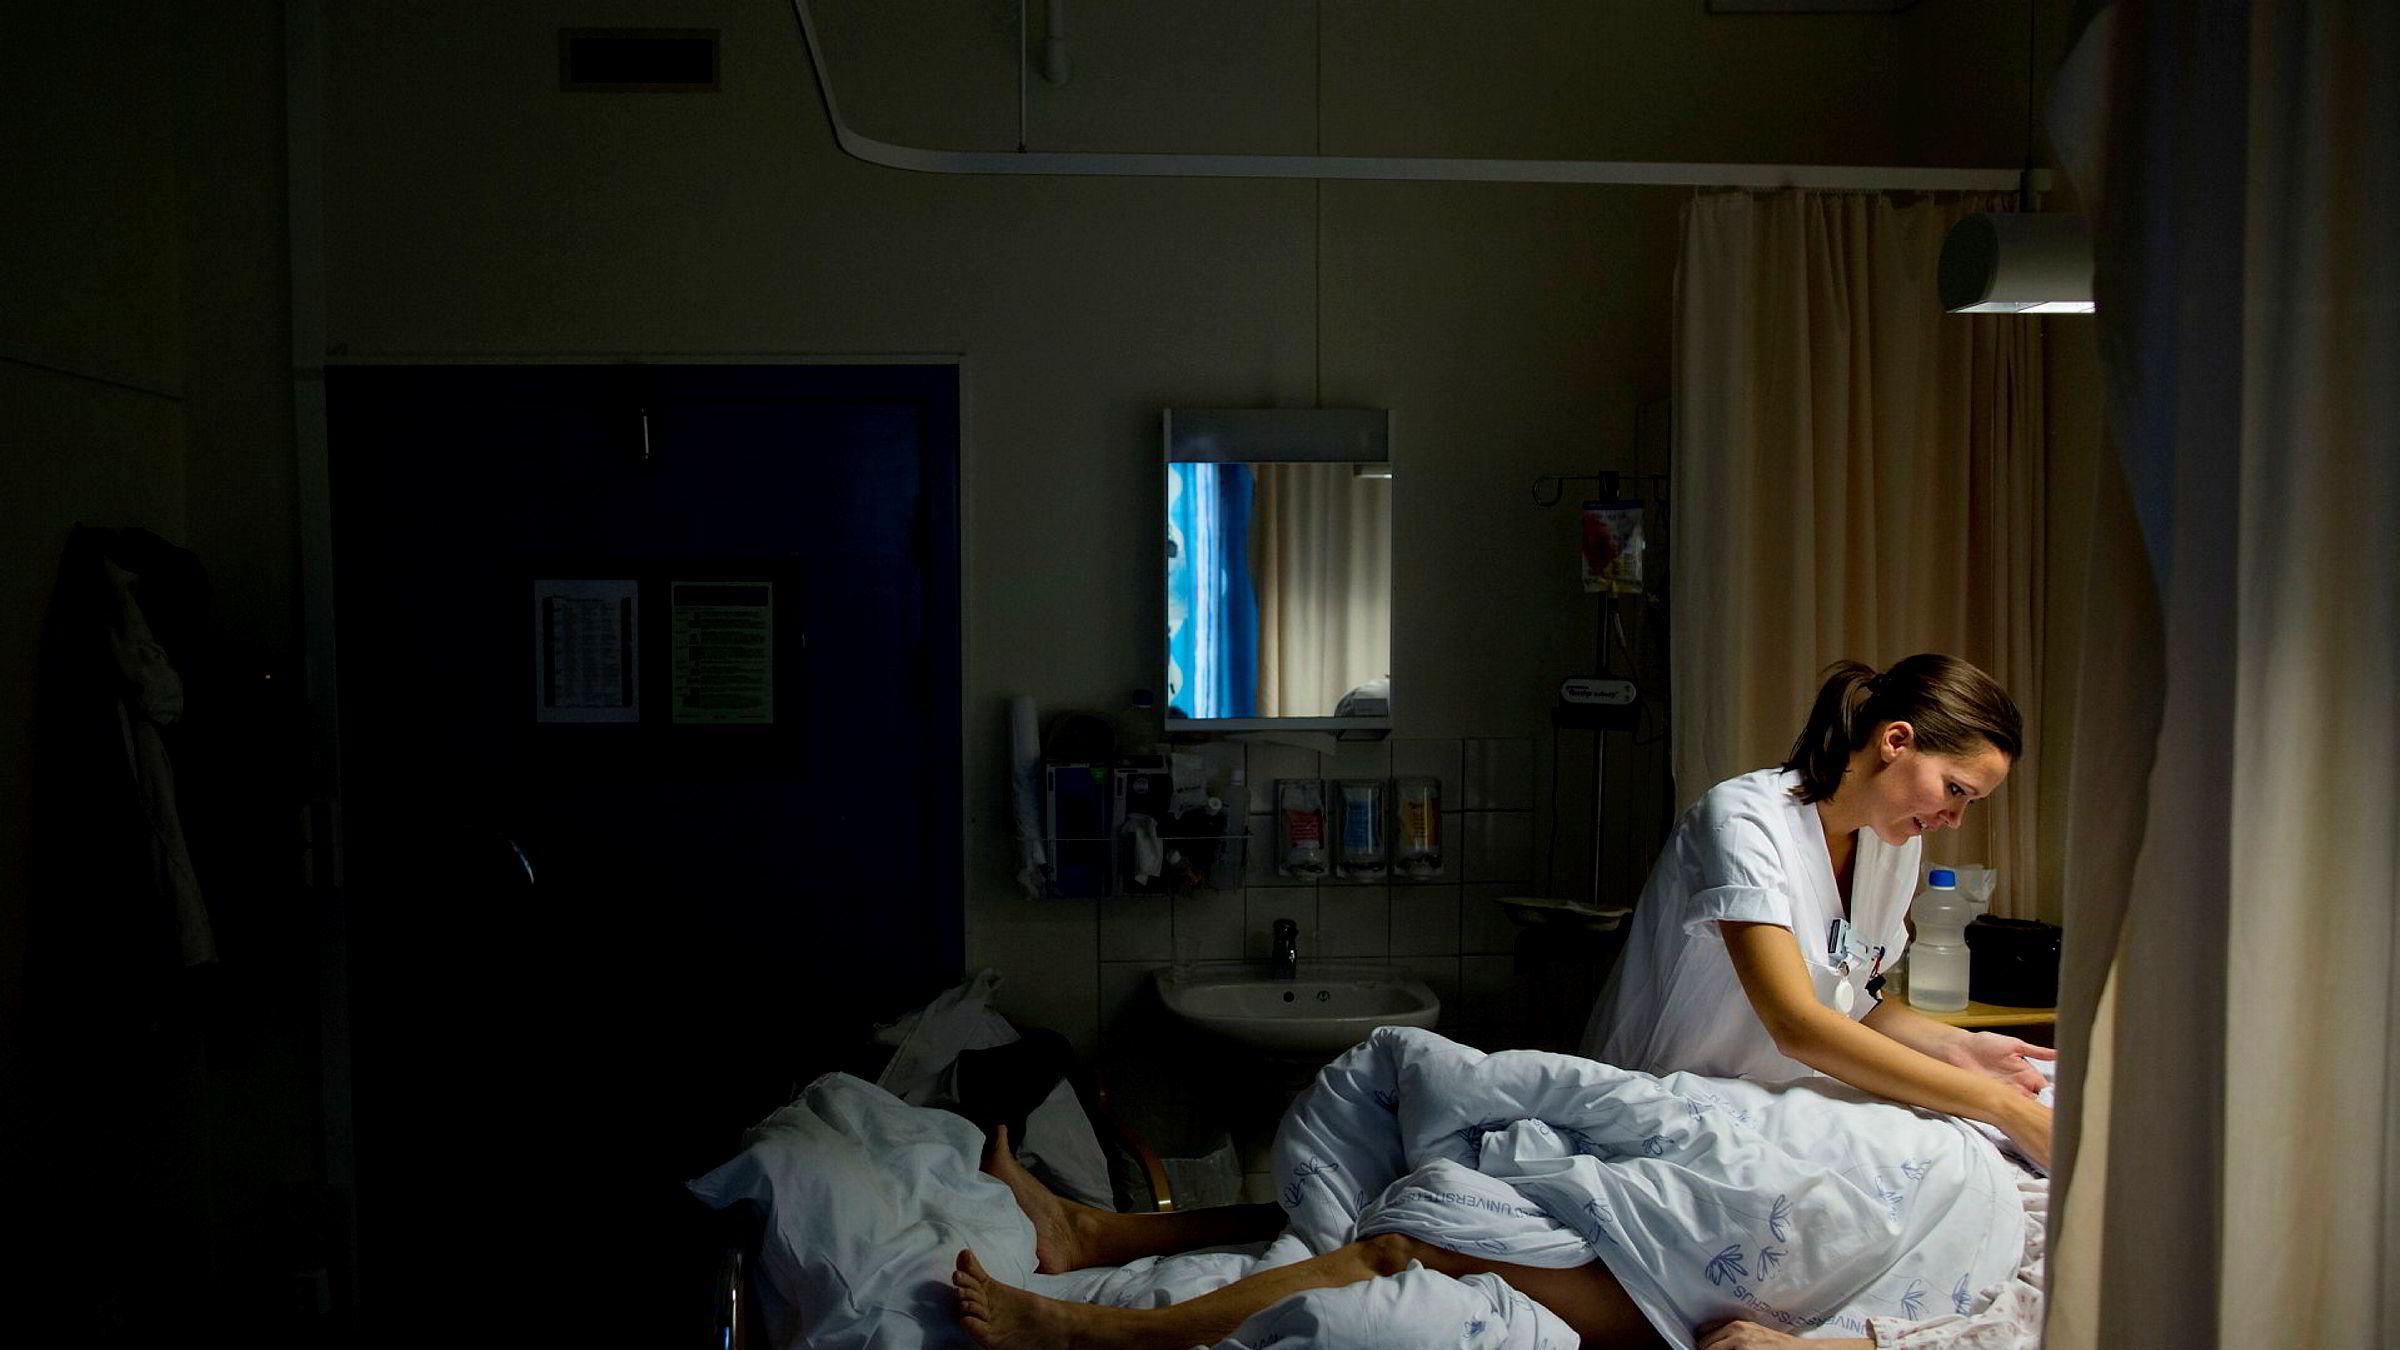 En turnuslege eller en sykepleierstudent kan være forsiktig med å ta ordet når det skjer farlige forløp rett foran øynene deres, skriver artikkelforfatteren.